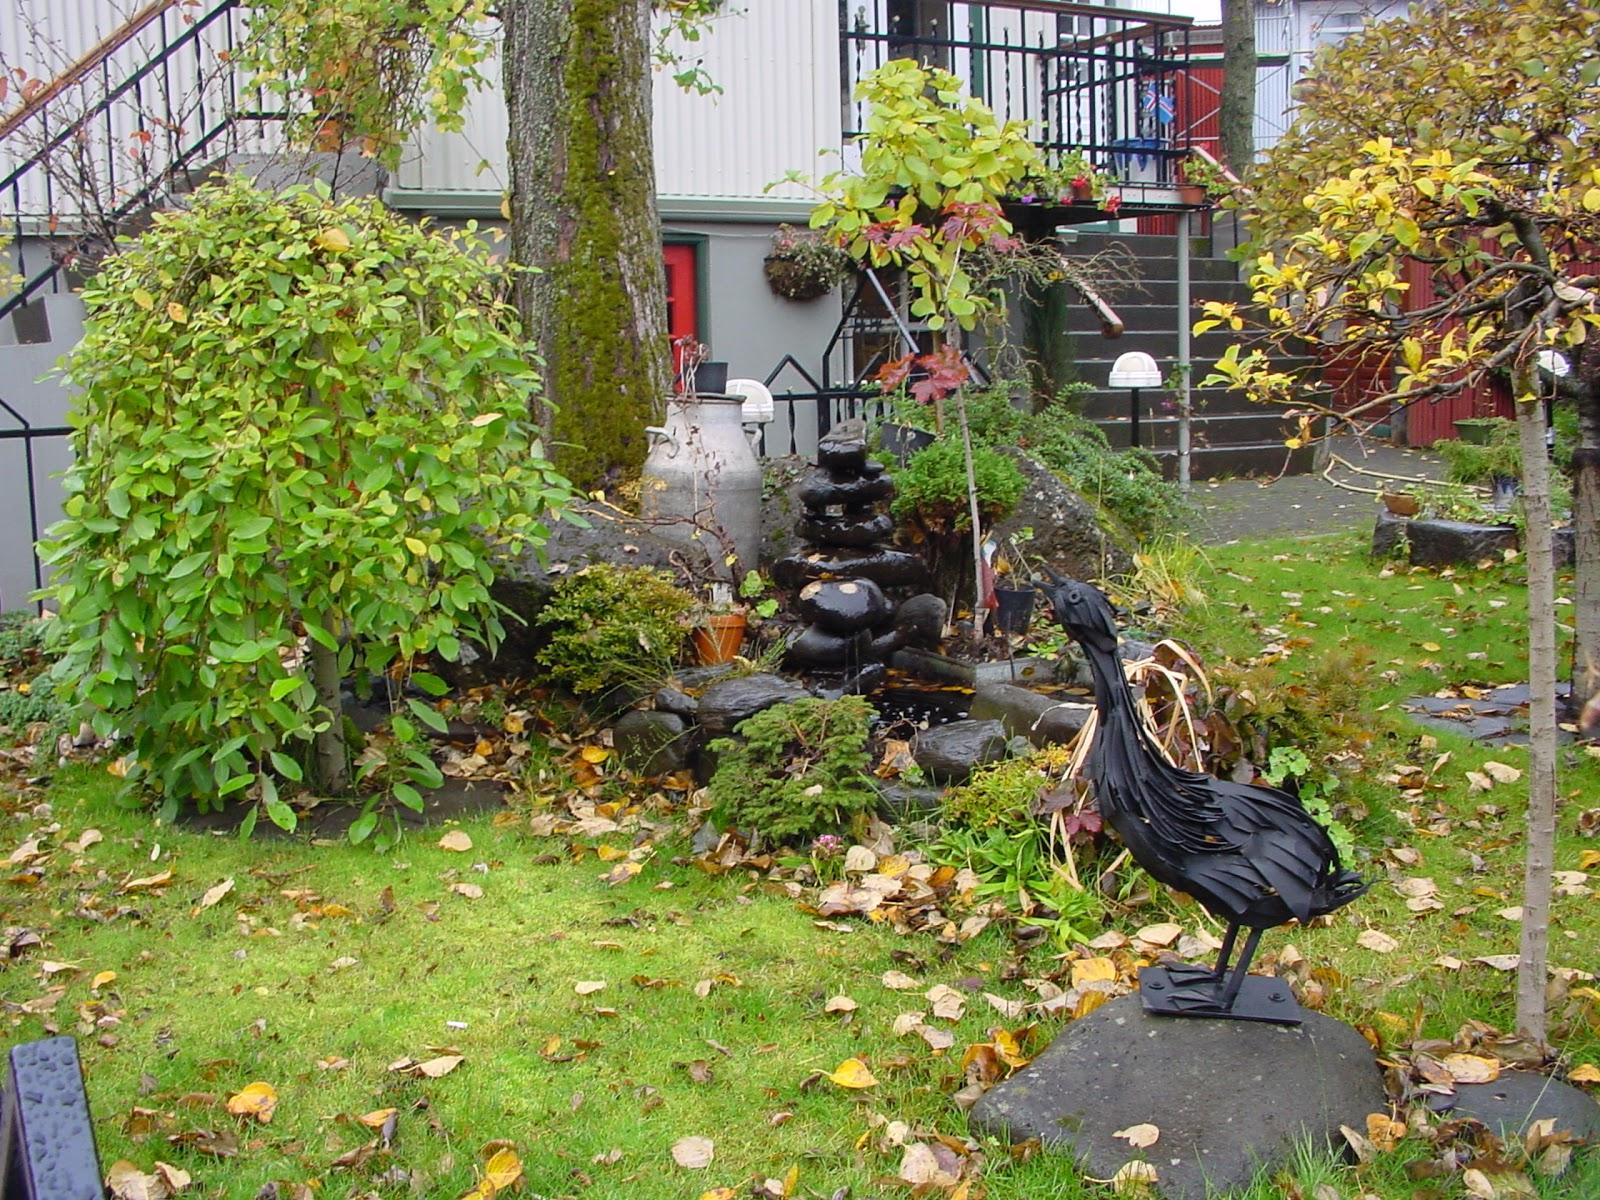 Jardineria eladio nonay jardiner a eladio nonay jard n for Objetos de jardineria